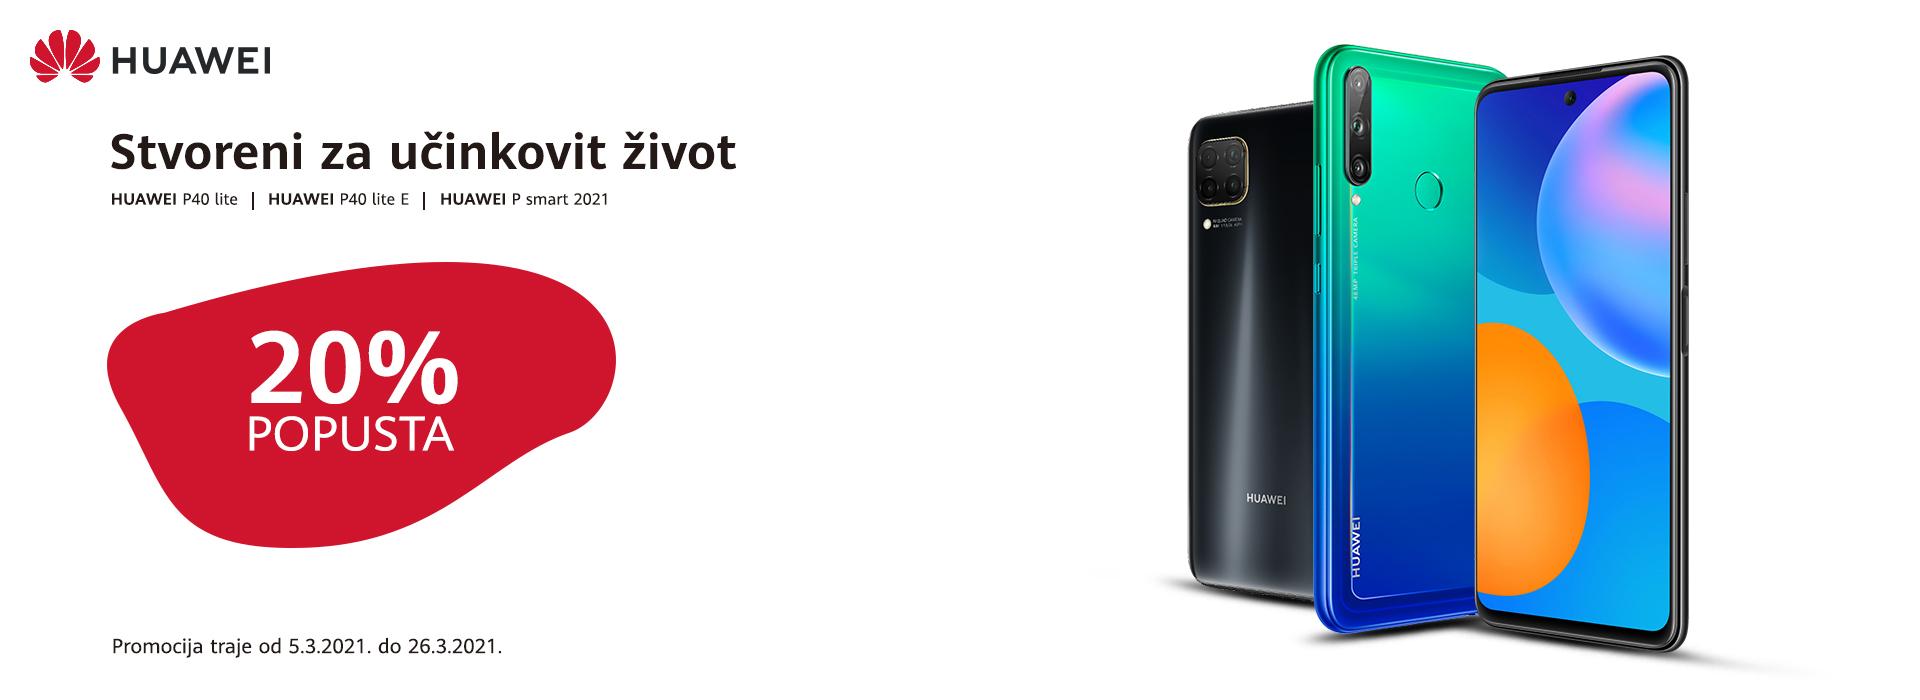 Huawei AKCIJA